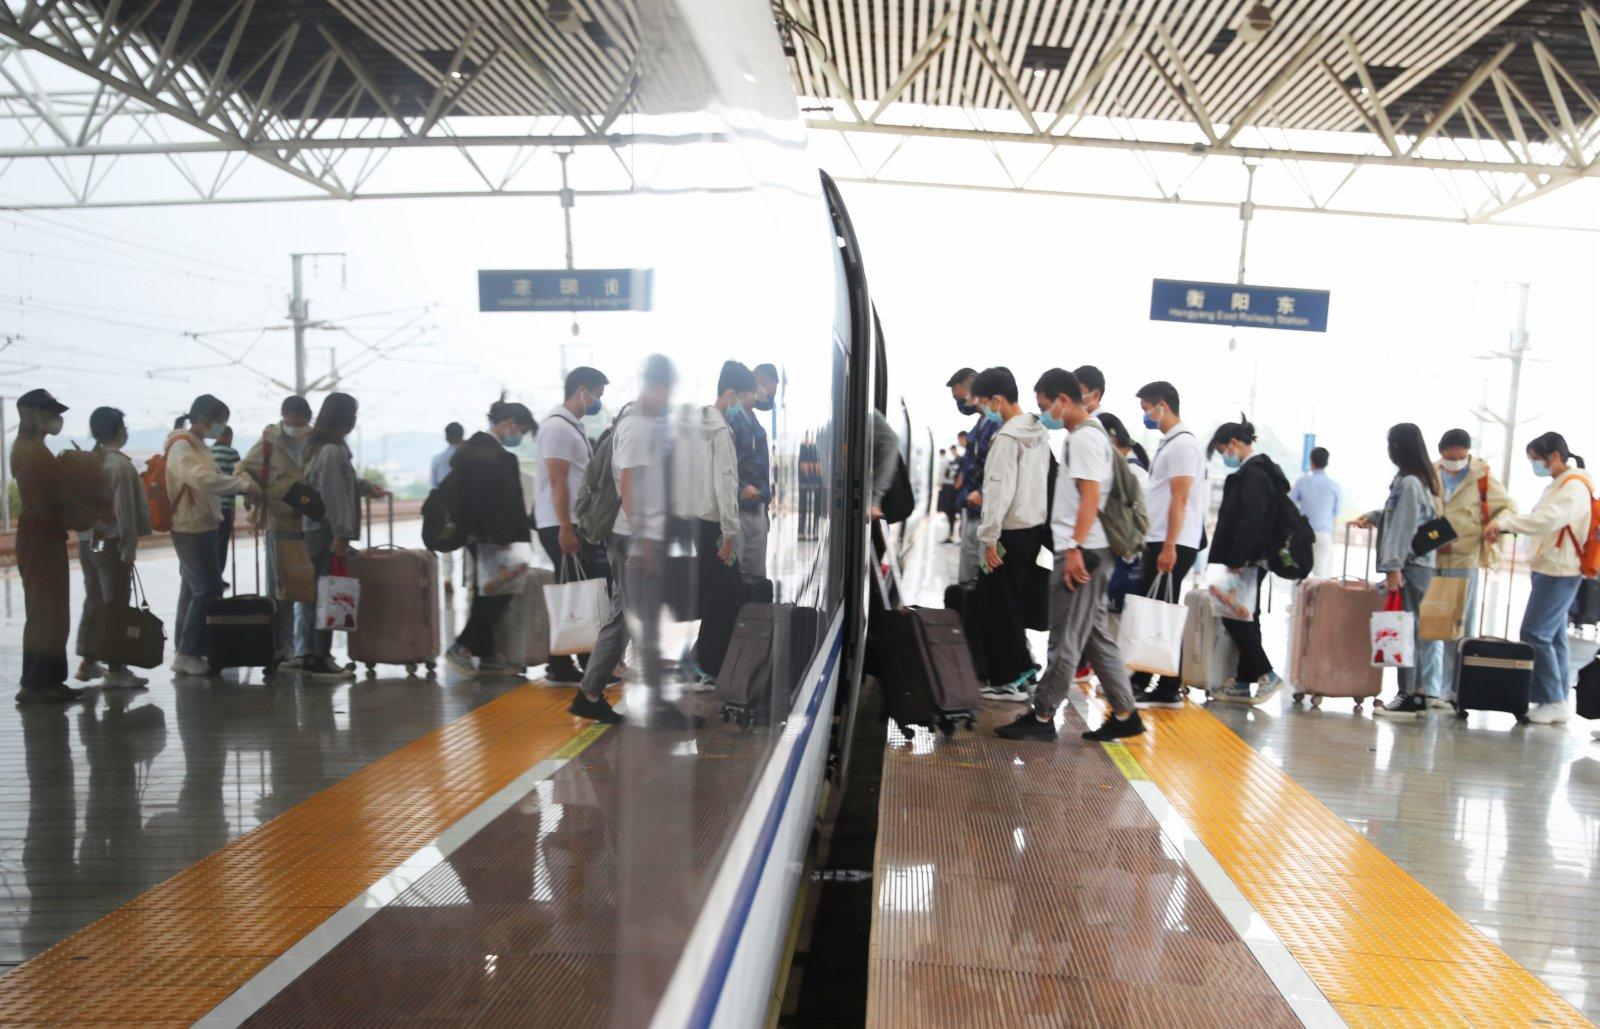 旅客在湖南衡陽東站站台排隊乘車。